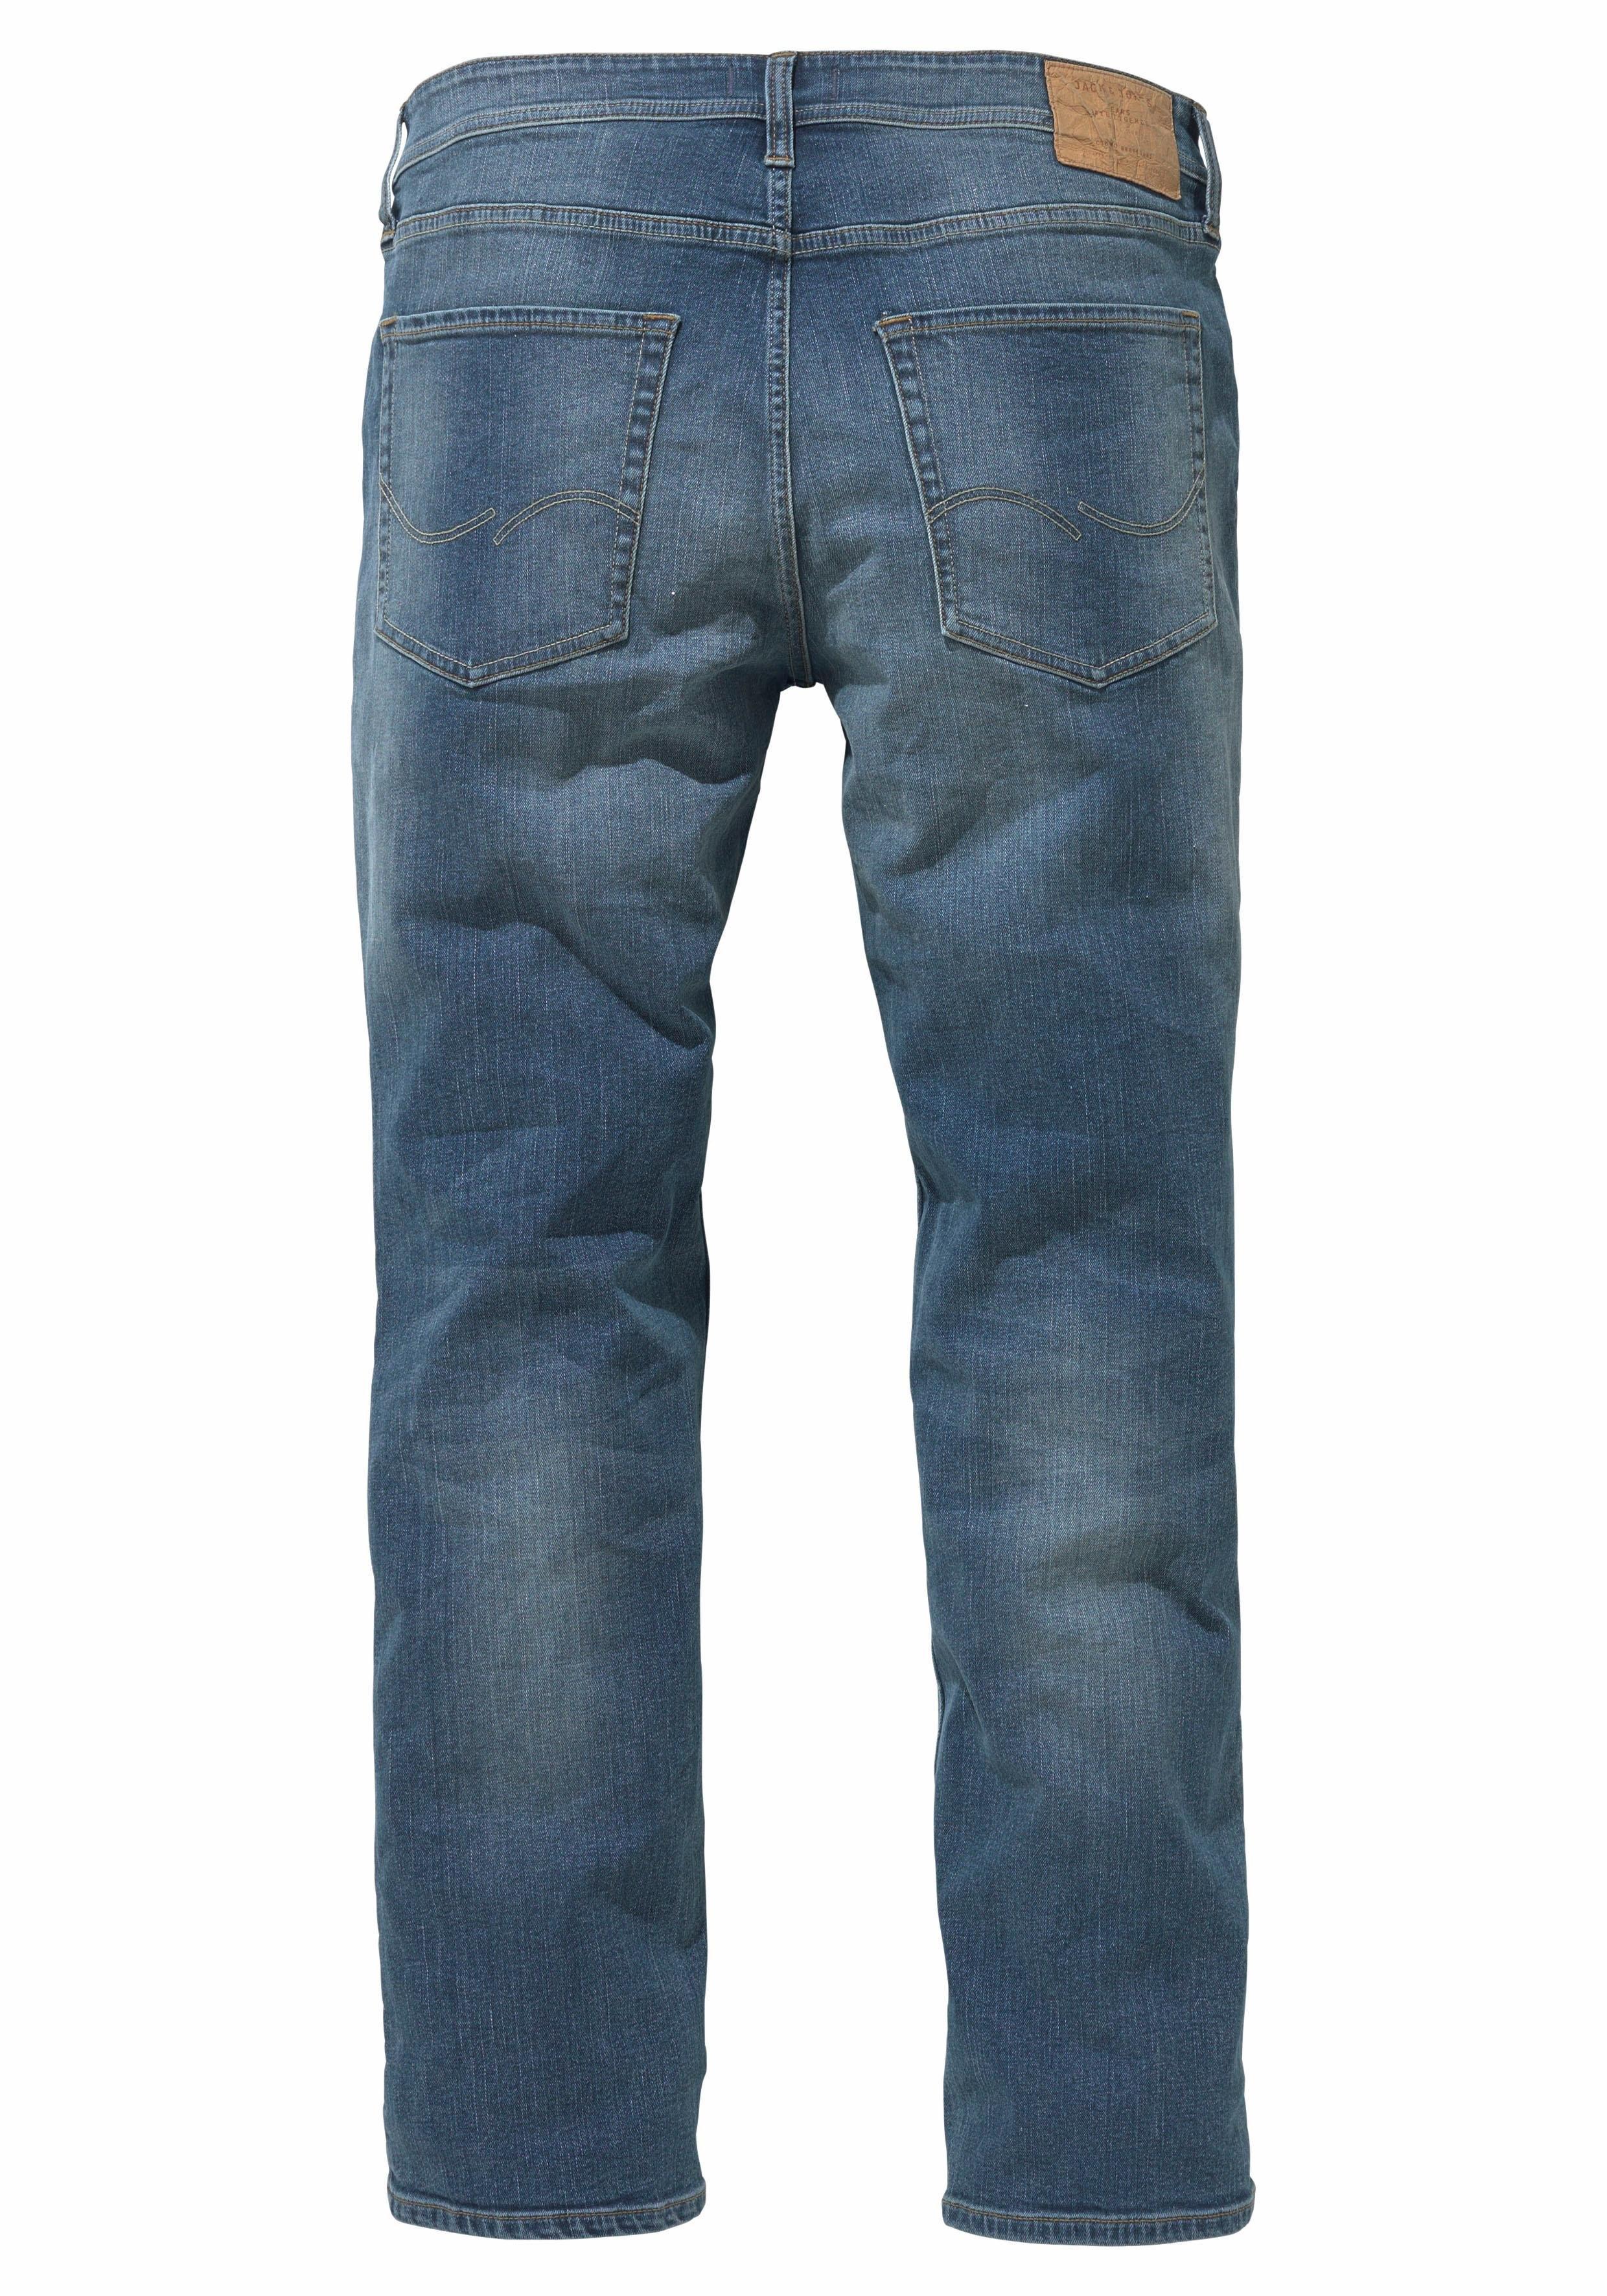 Jackamp; Online jeansclark Fit Slim Jones Kopen KJ1Flc